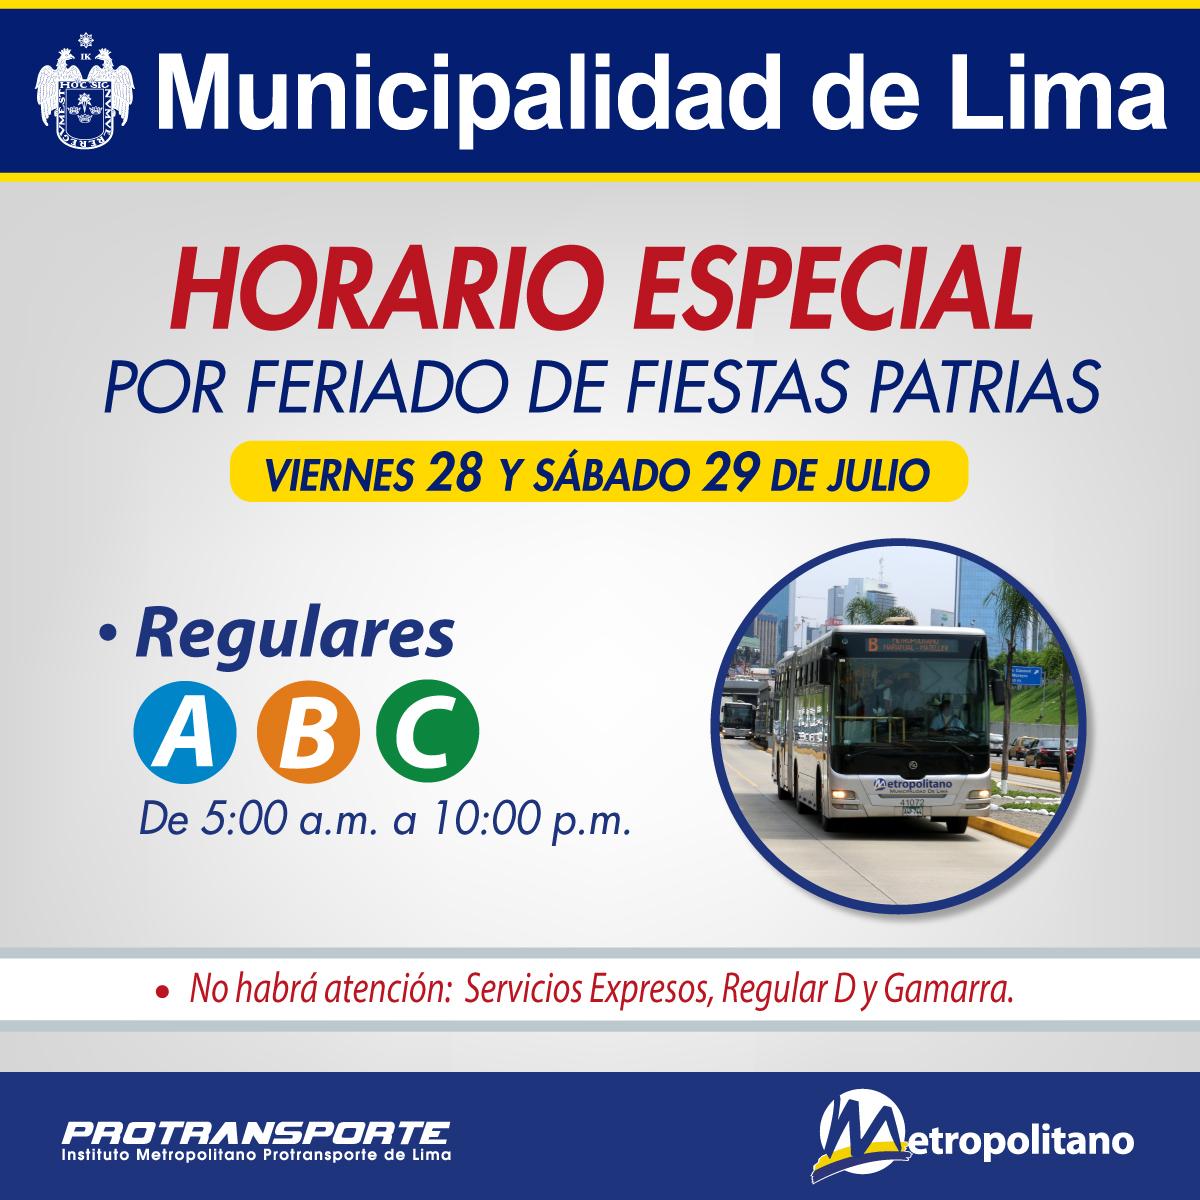 HORARIO-ESPECIAL-FERIADO-FIESTAS-PATRIAS